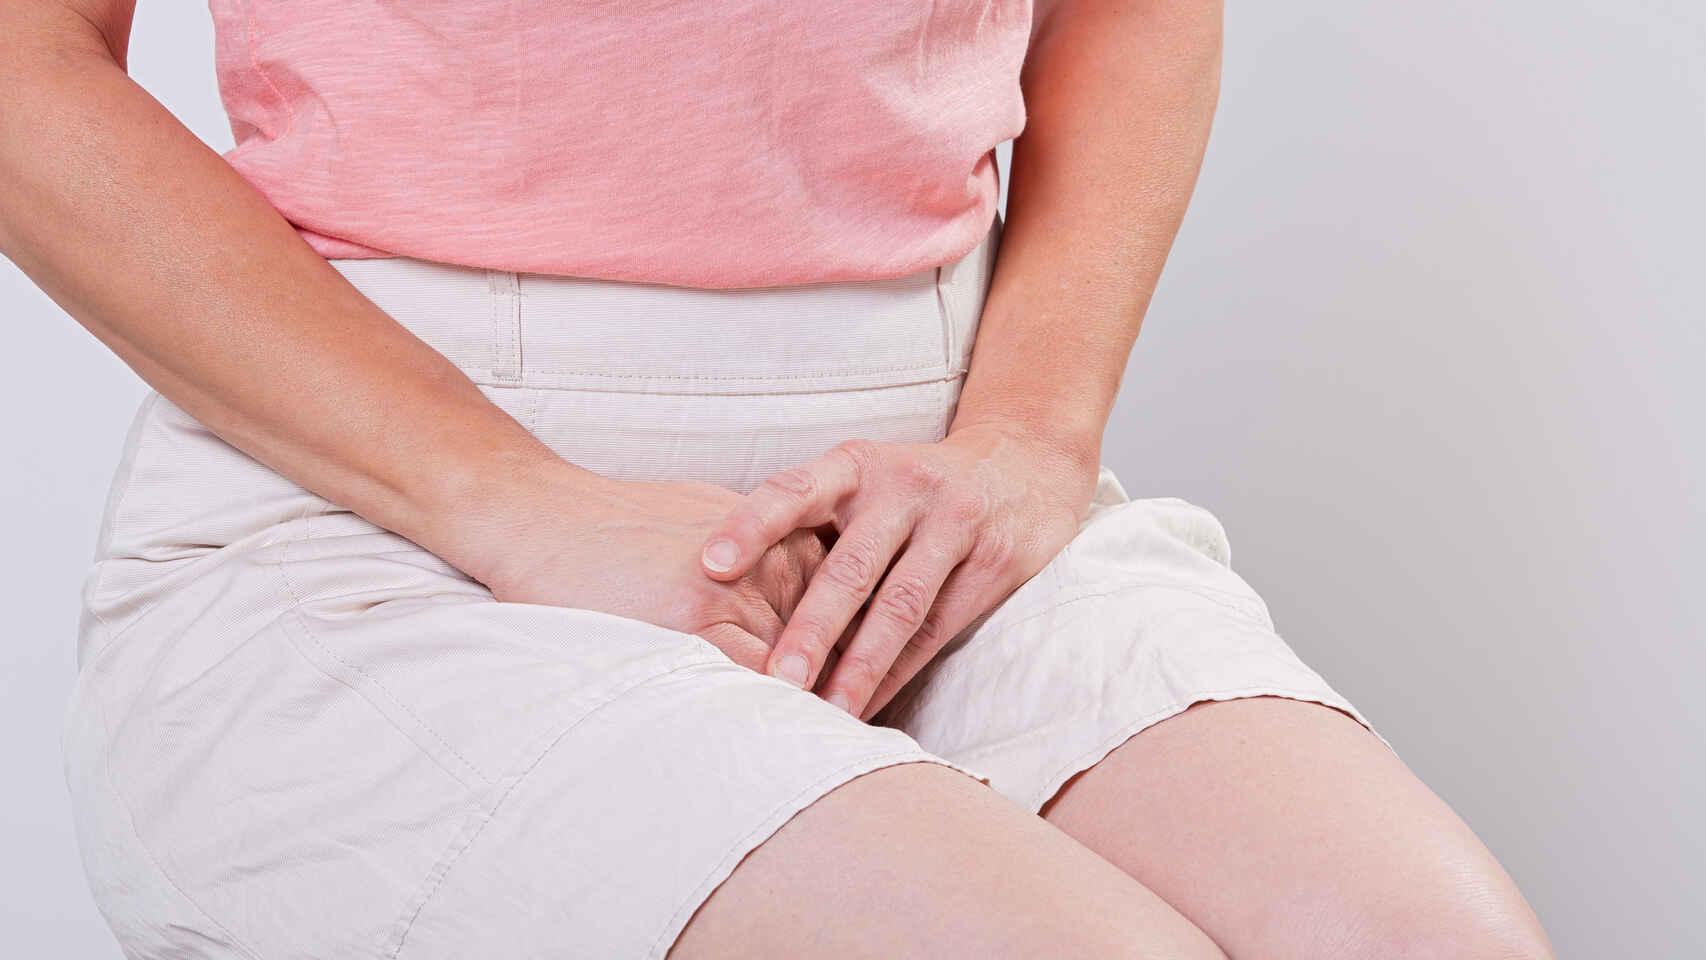 Estigma social, el principal obstaculo para tratar la incontinencia